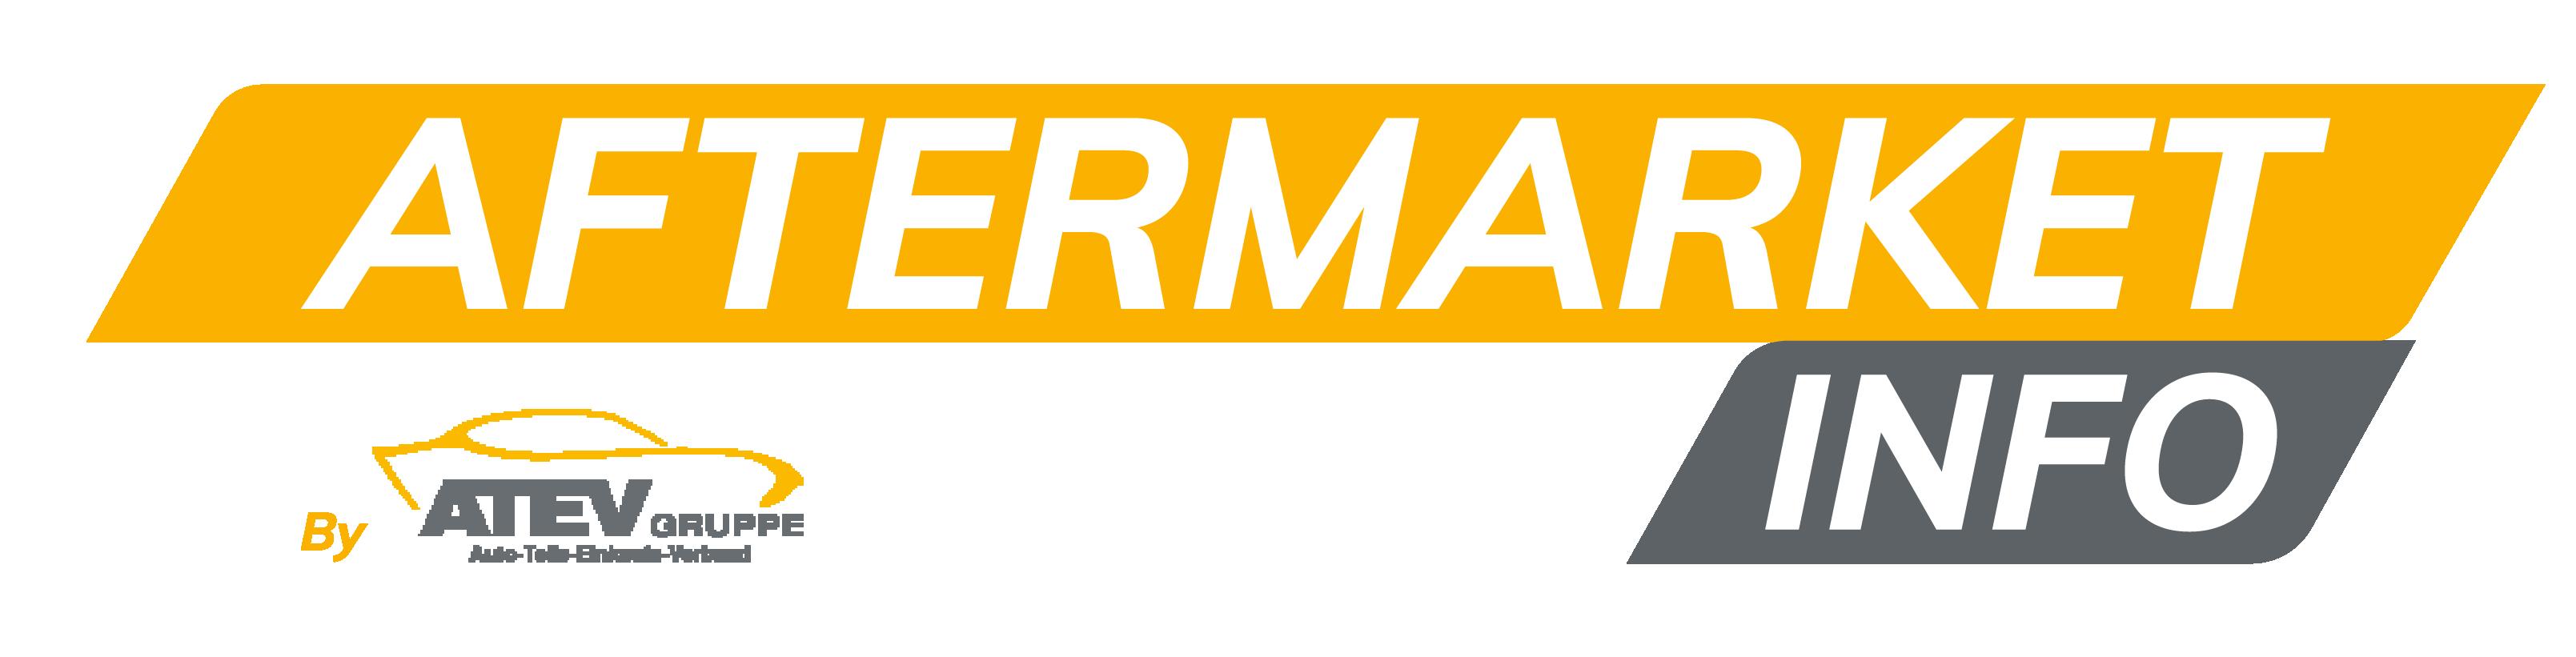 Aftermarketinfo – Bleib auf den aktuellsten Stand